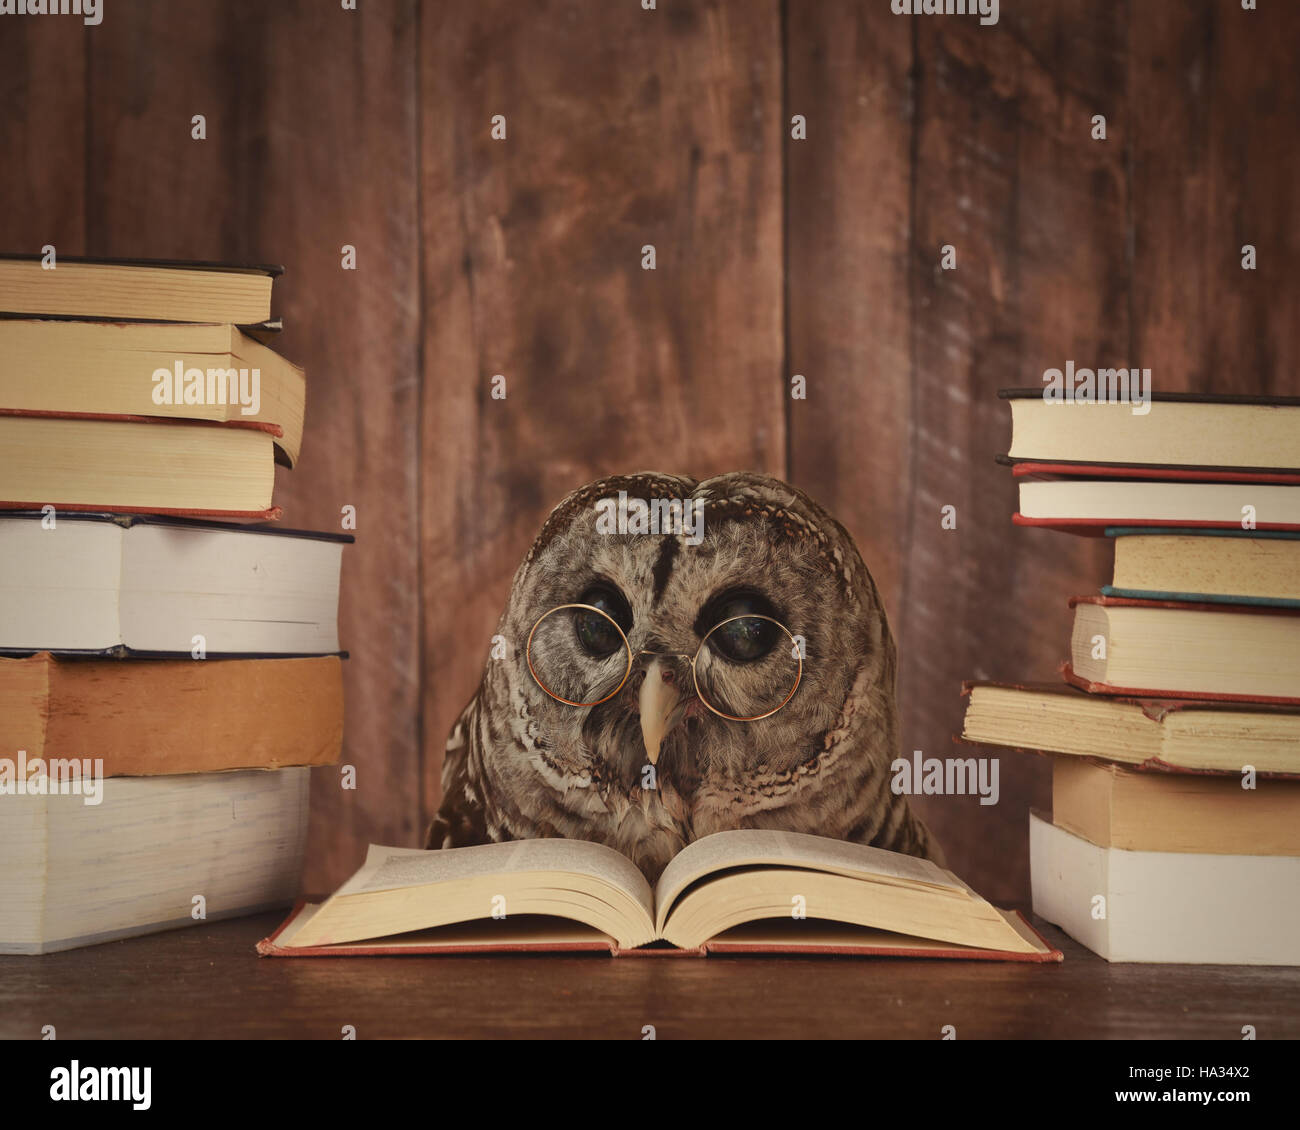 owl humor reading - photo #18